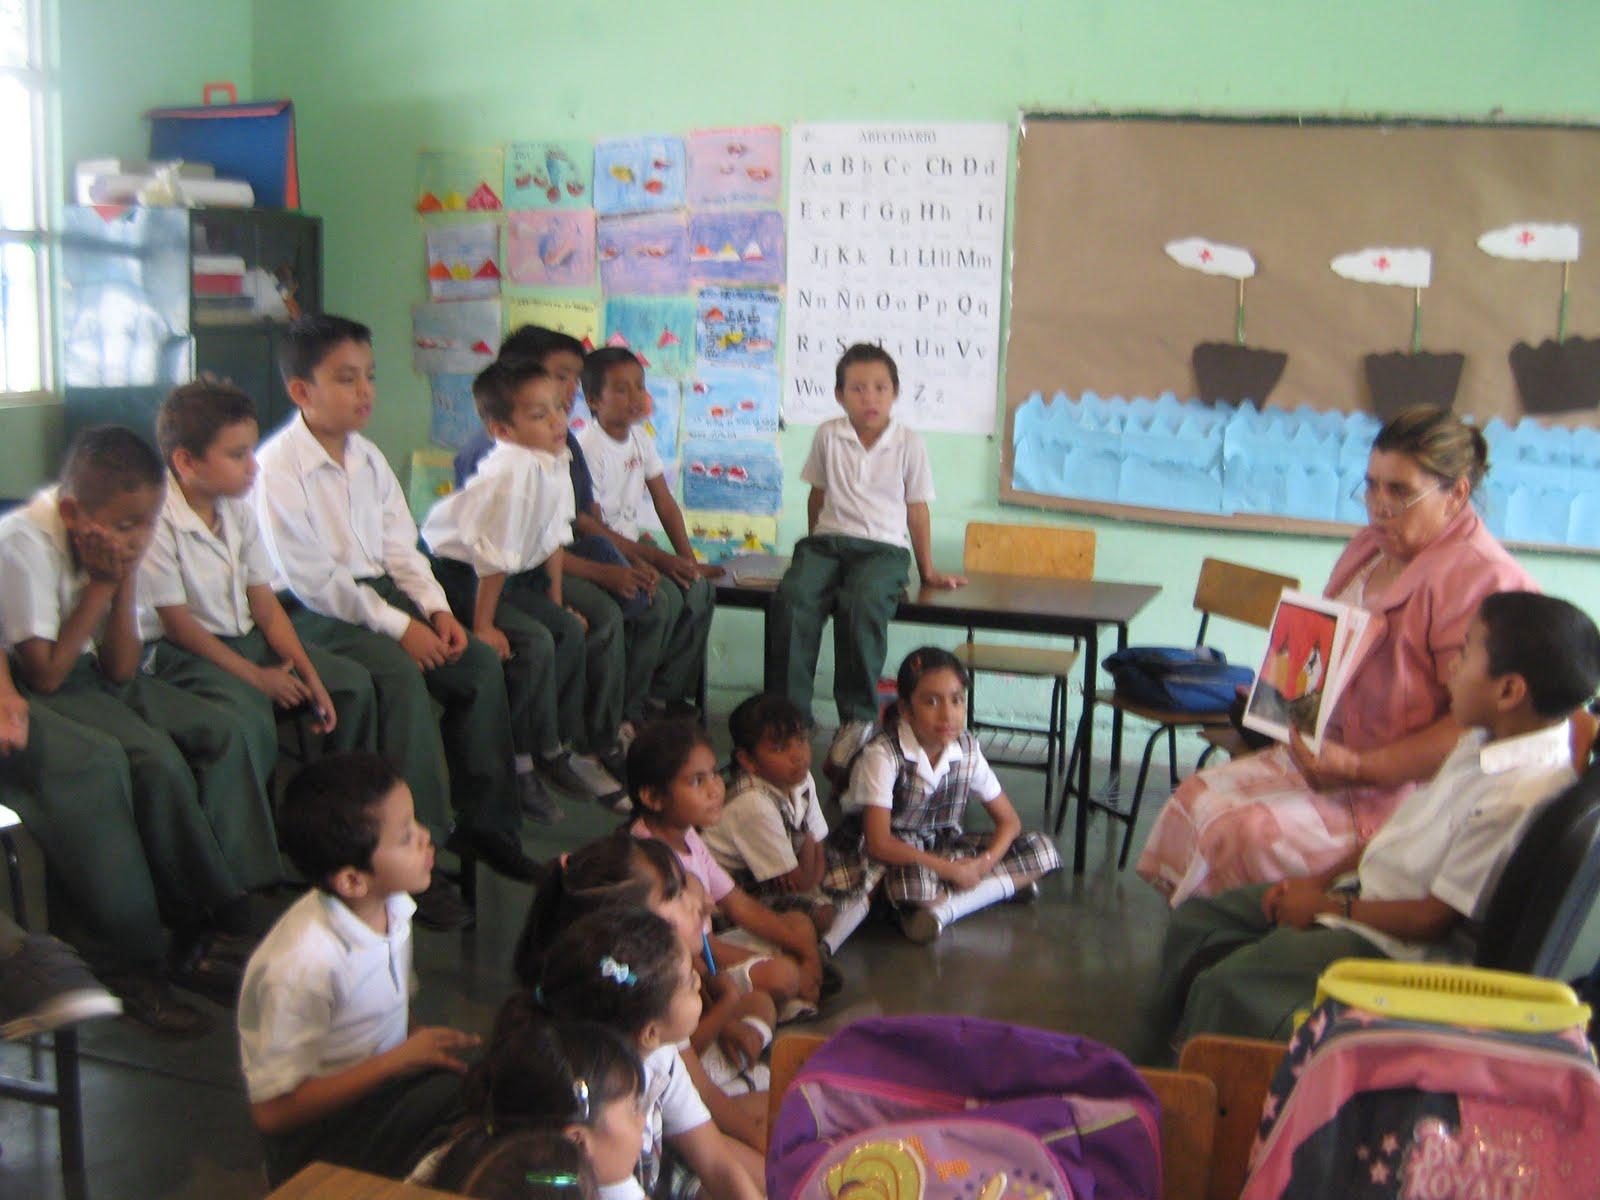 Silvestre revueltas promoci n de la lectura en la escuela for Cct de la escuela